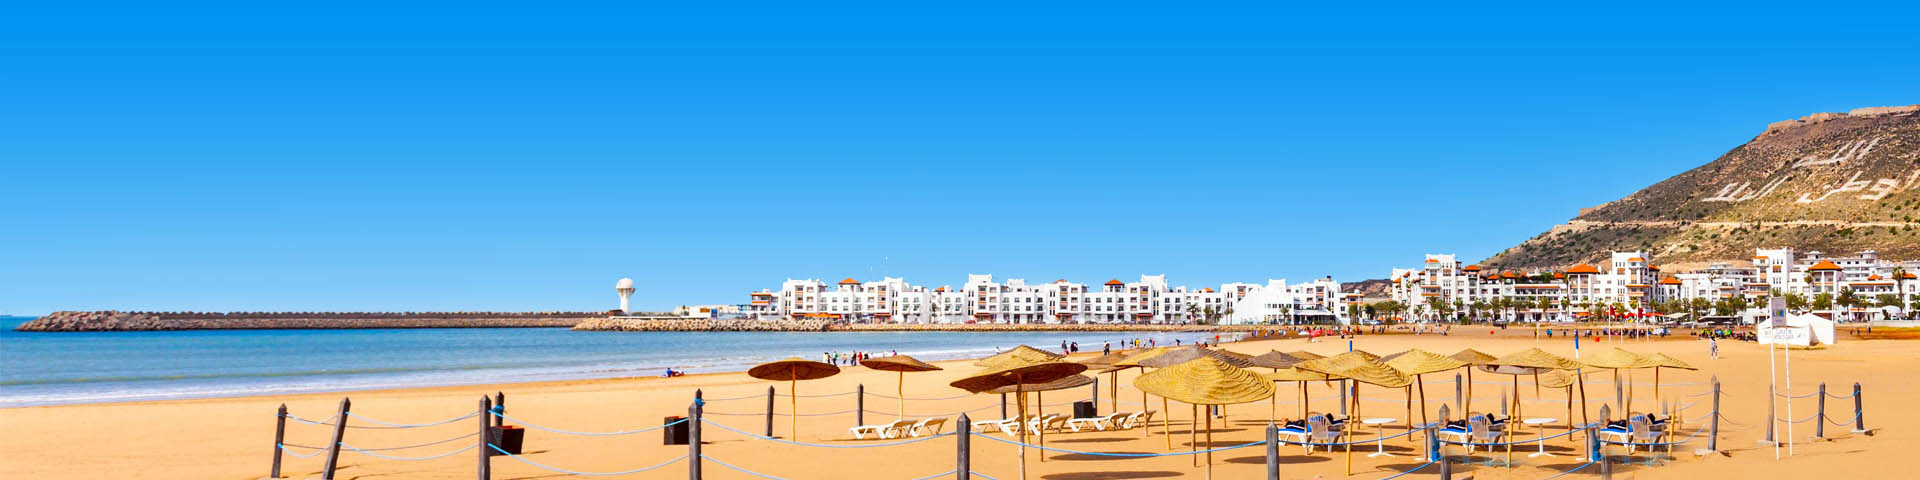 Goudgeel zandstrand met parasols, de zee en witte huizen op de achtergrond in Marokko